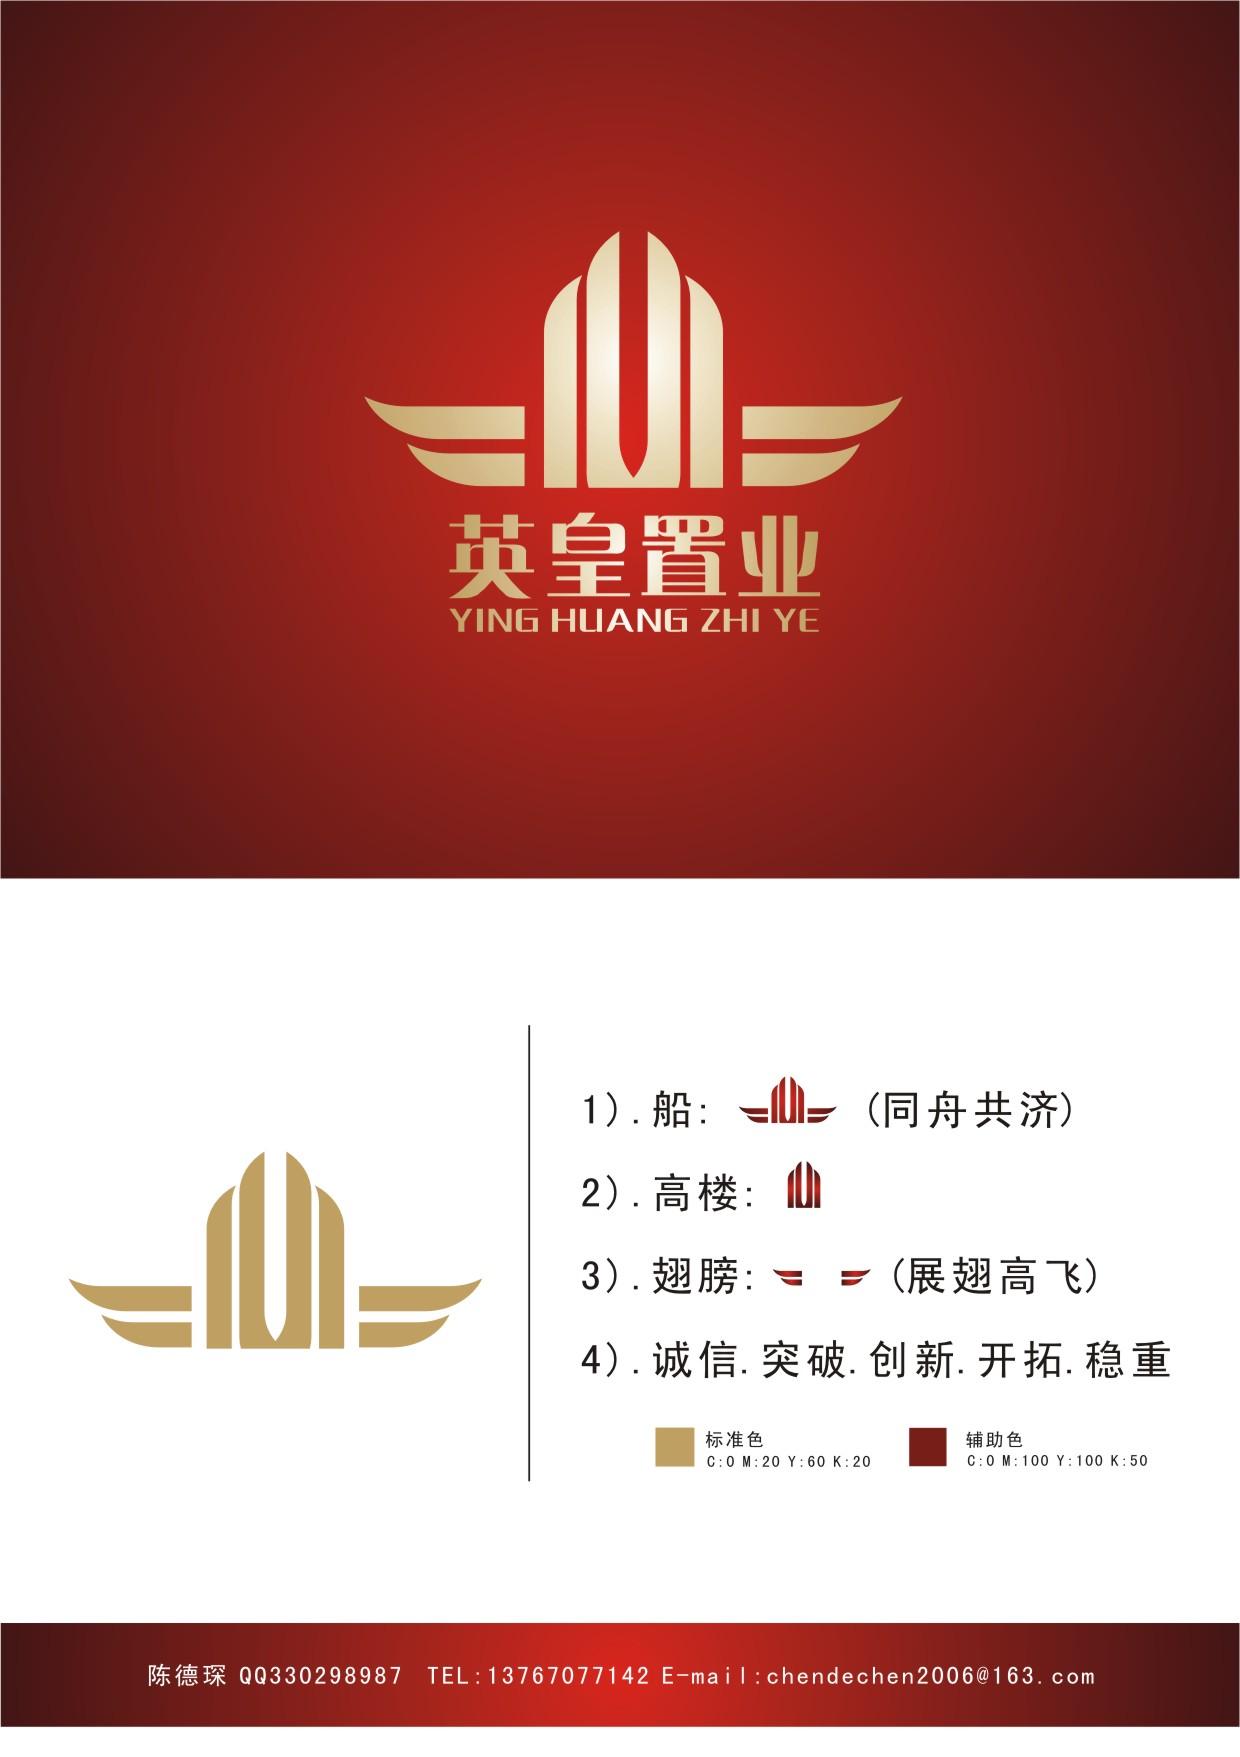 赣州英皇置业公司logo设计